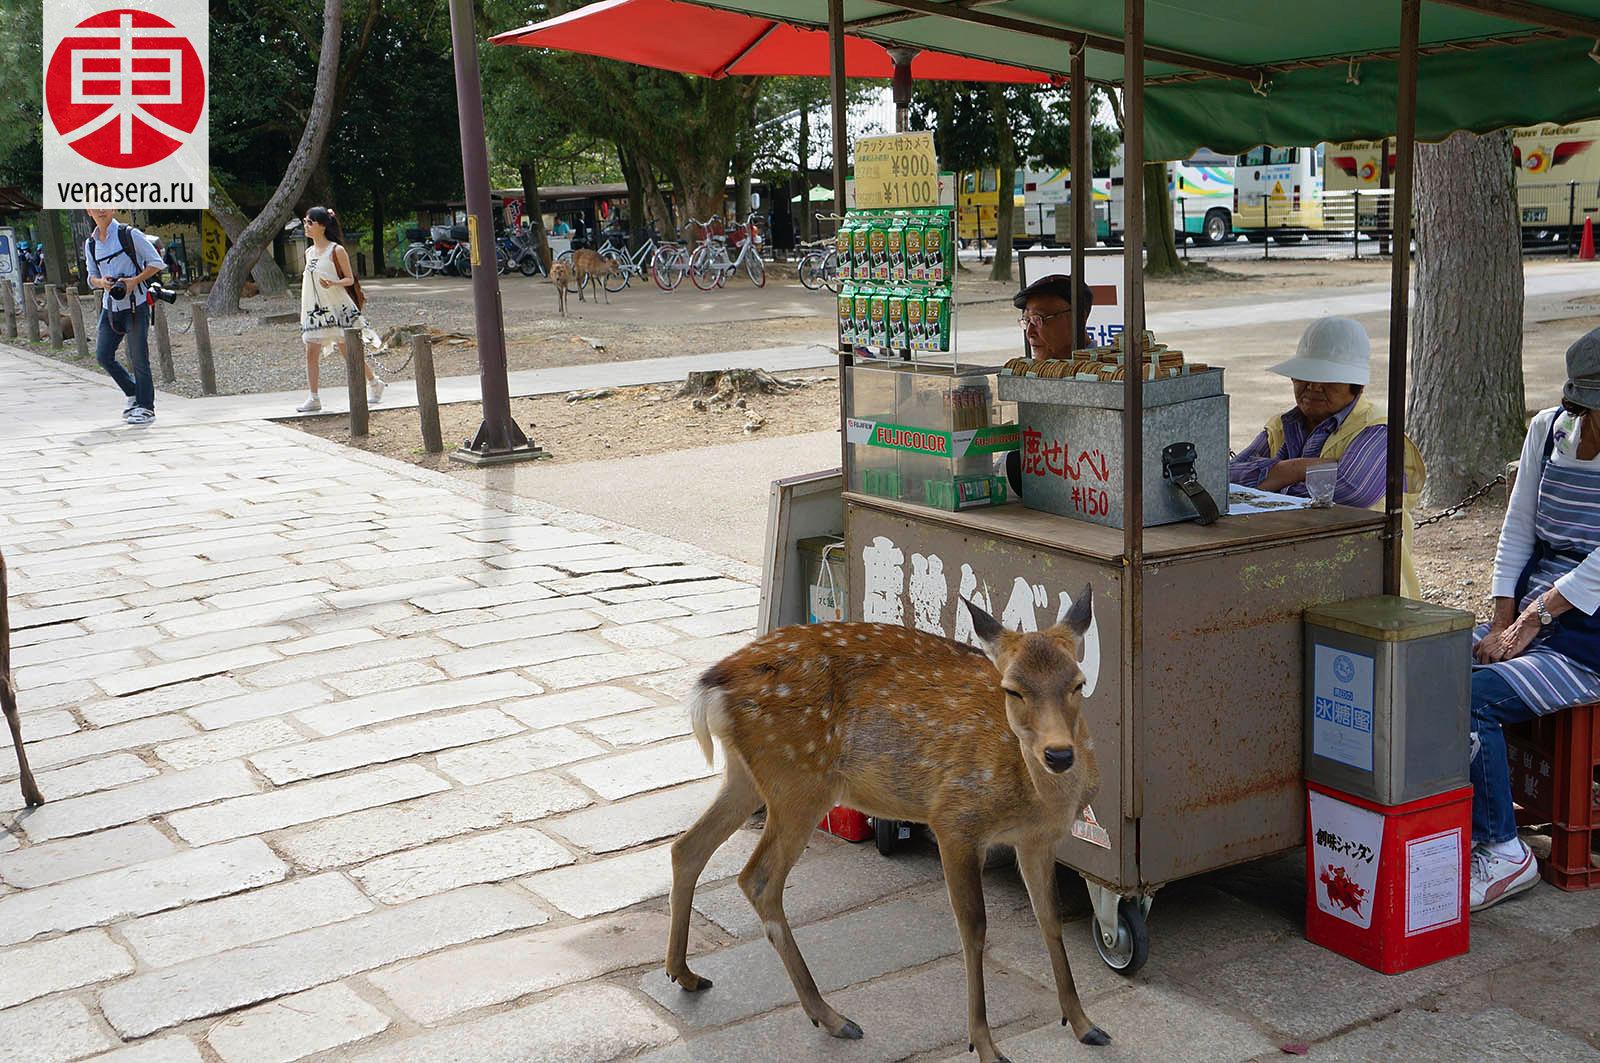 Сэмбэй для Оленей, Путешествие в Нара, Поездка в Нара, Олени в г. Нара, Парк Нара, Нара, Nara, 奈良, Япония, Japan, 日本.